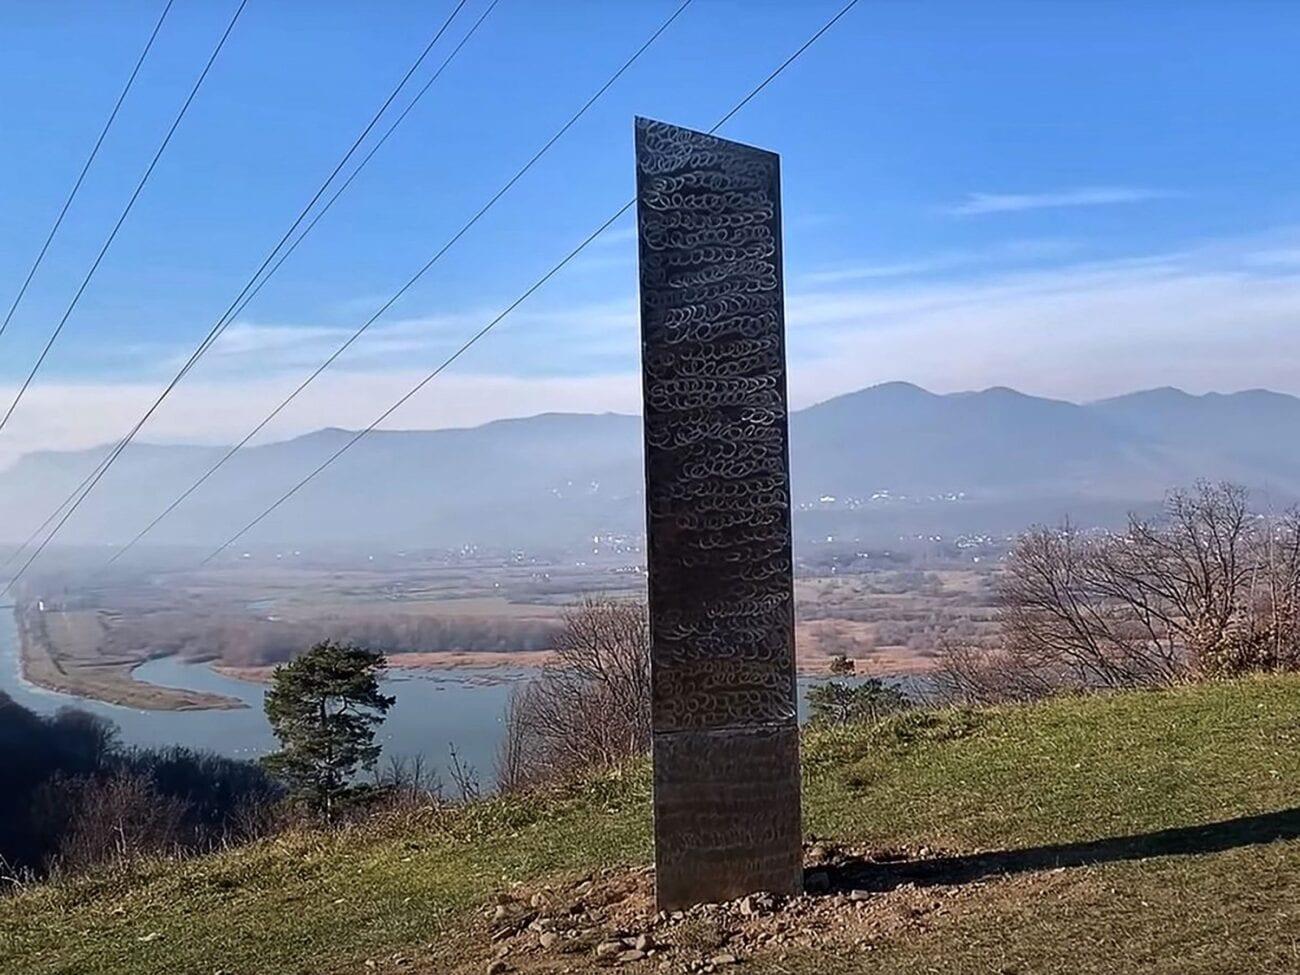 ¿Los aliens están dejando un monolito por todo el mundo? Entérate sobre la estructura que desapareció de Utah y la que apareció en Rumanía.